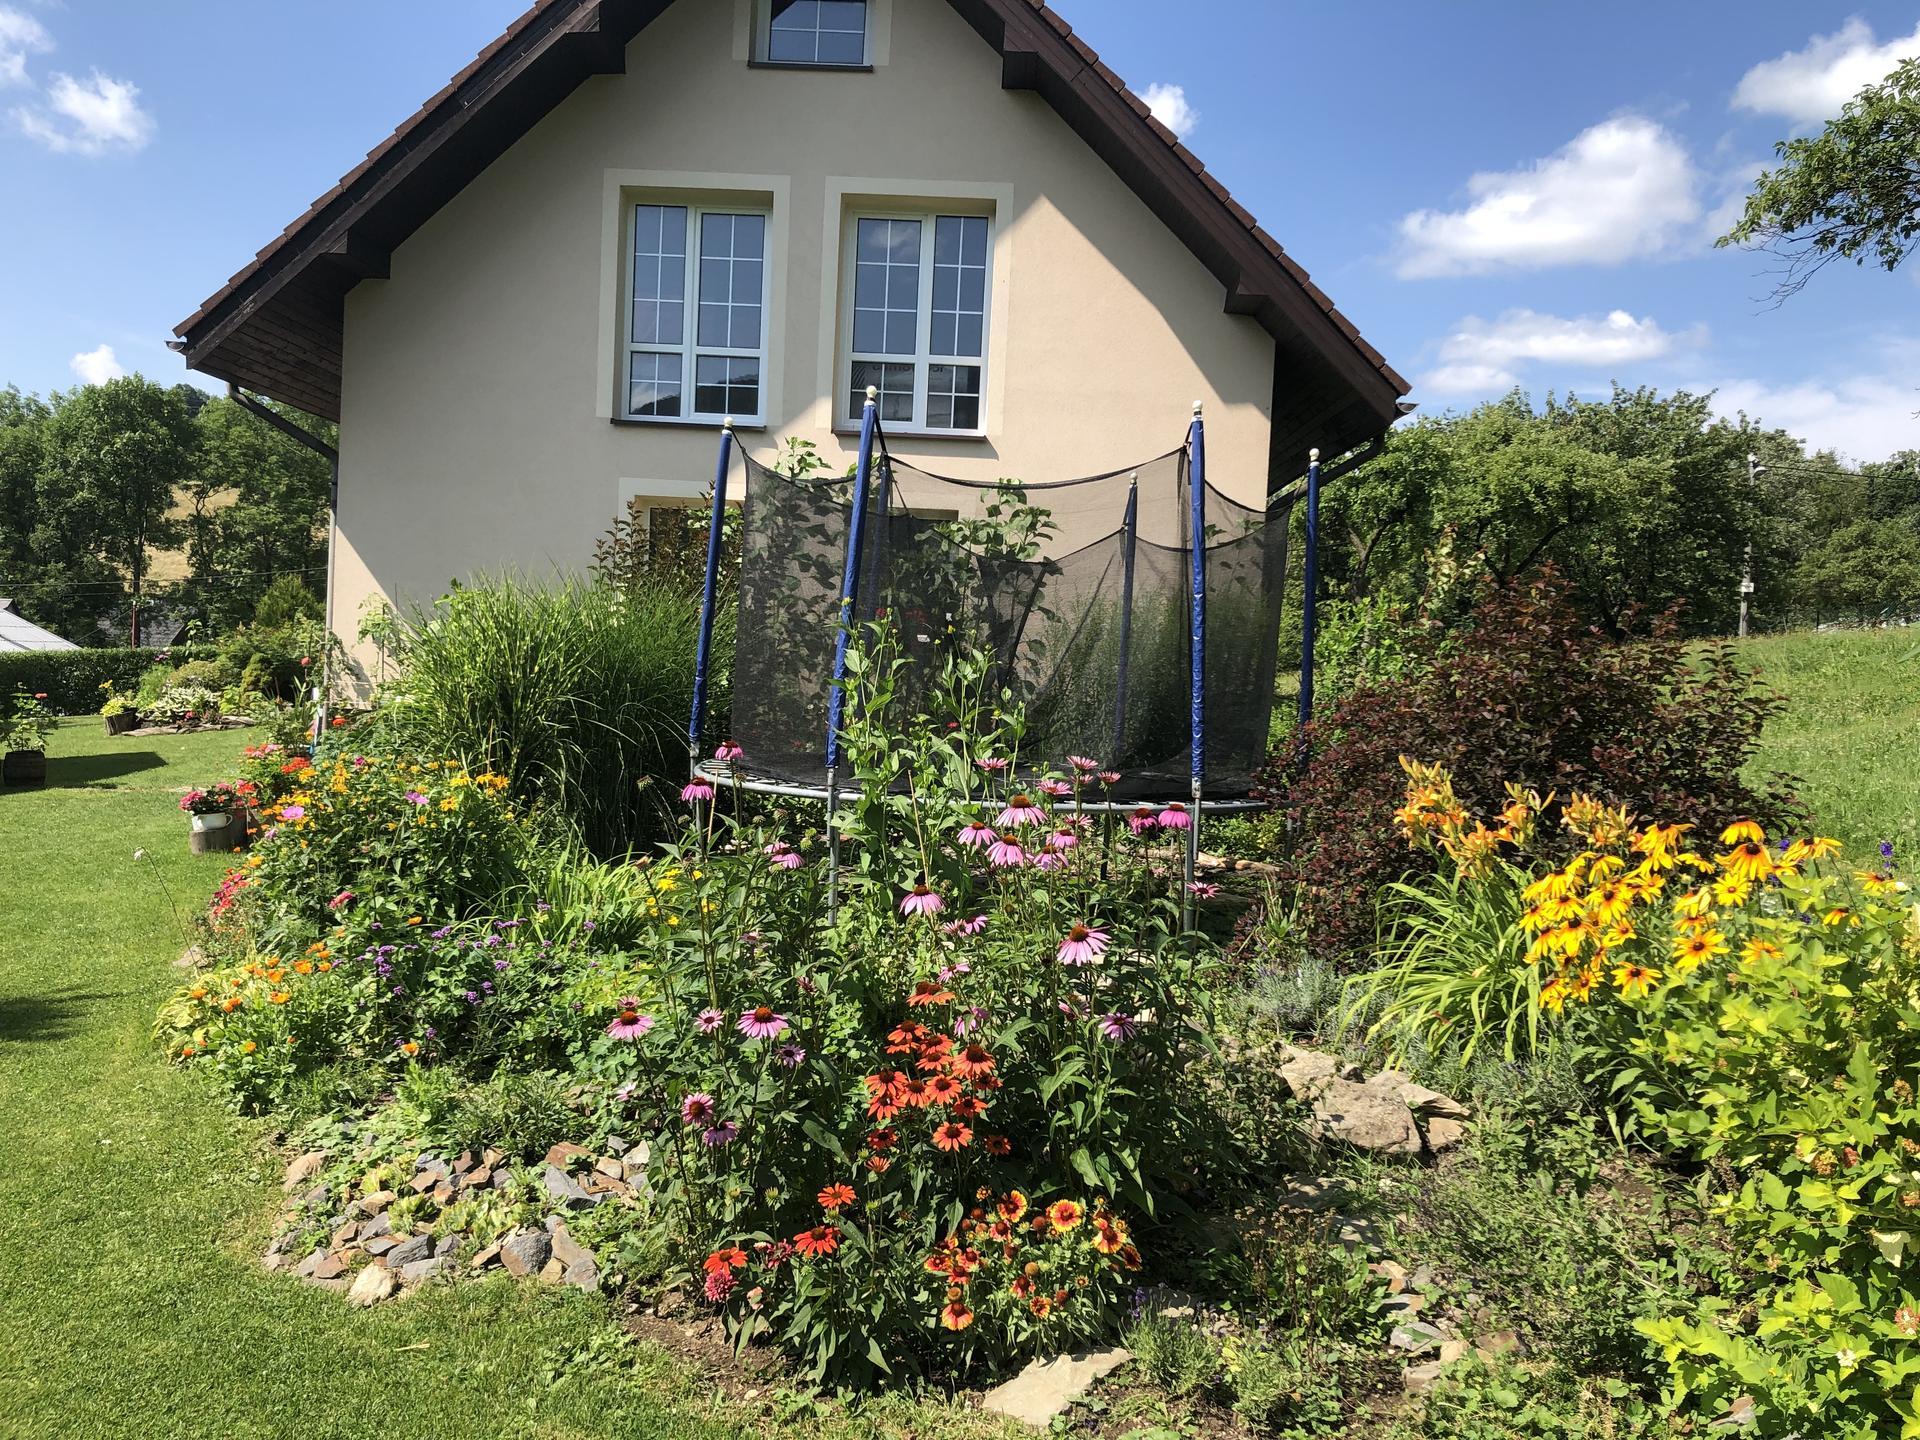 U nás doma a na zahradě 2021 - Obrázek č. 47